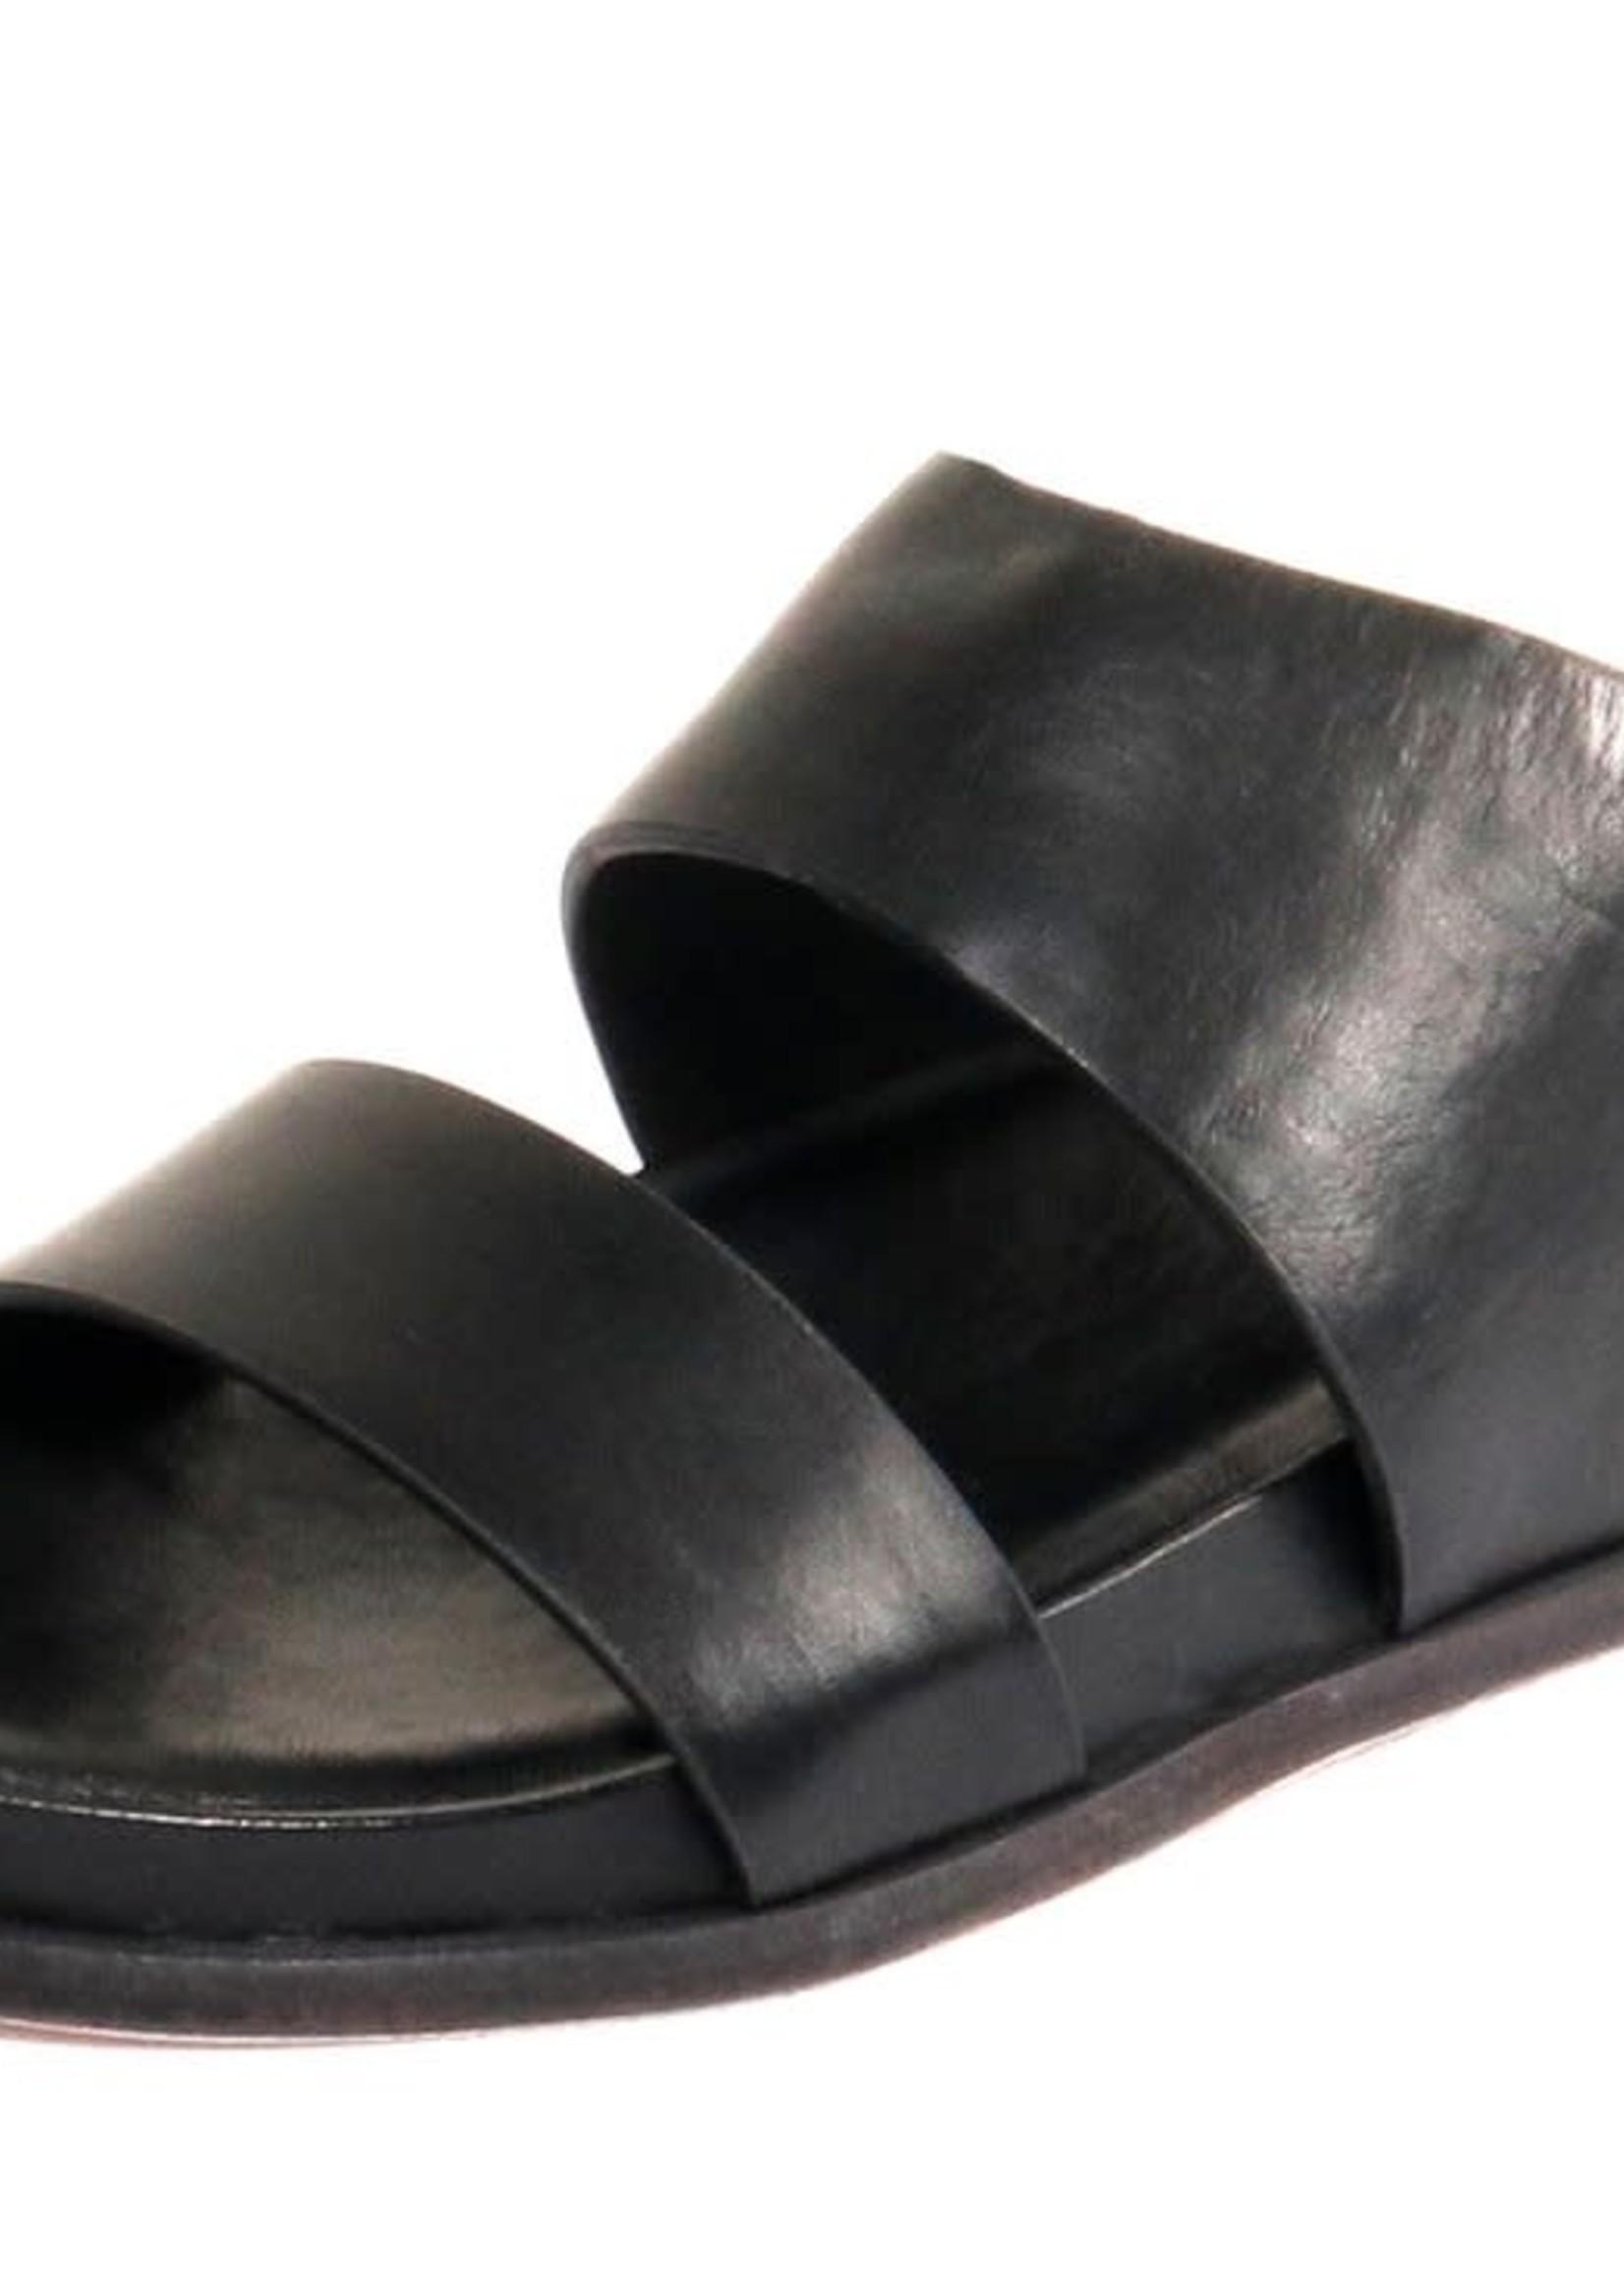 WAL & PAI Wal & Pai Formosa Shoe